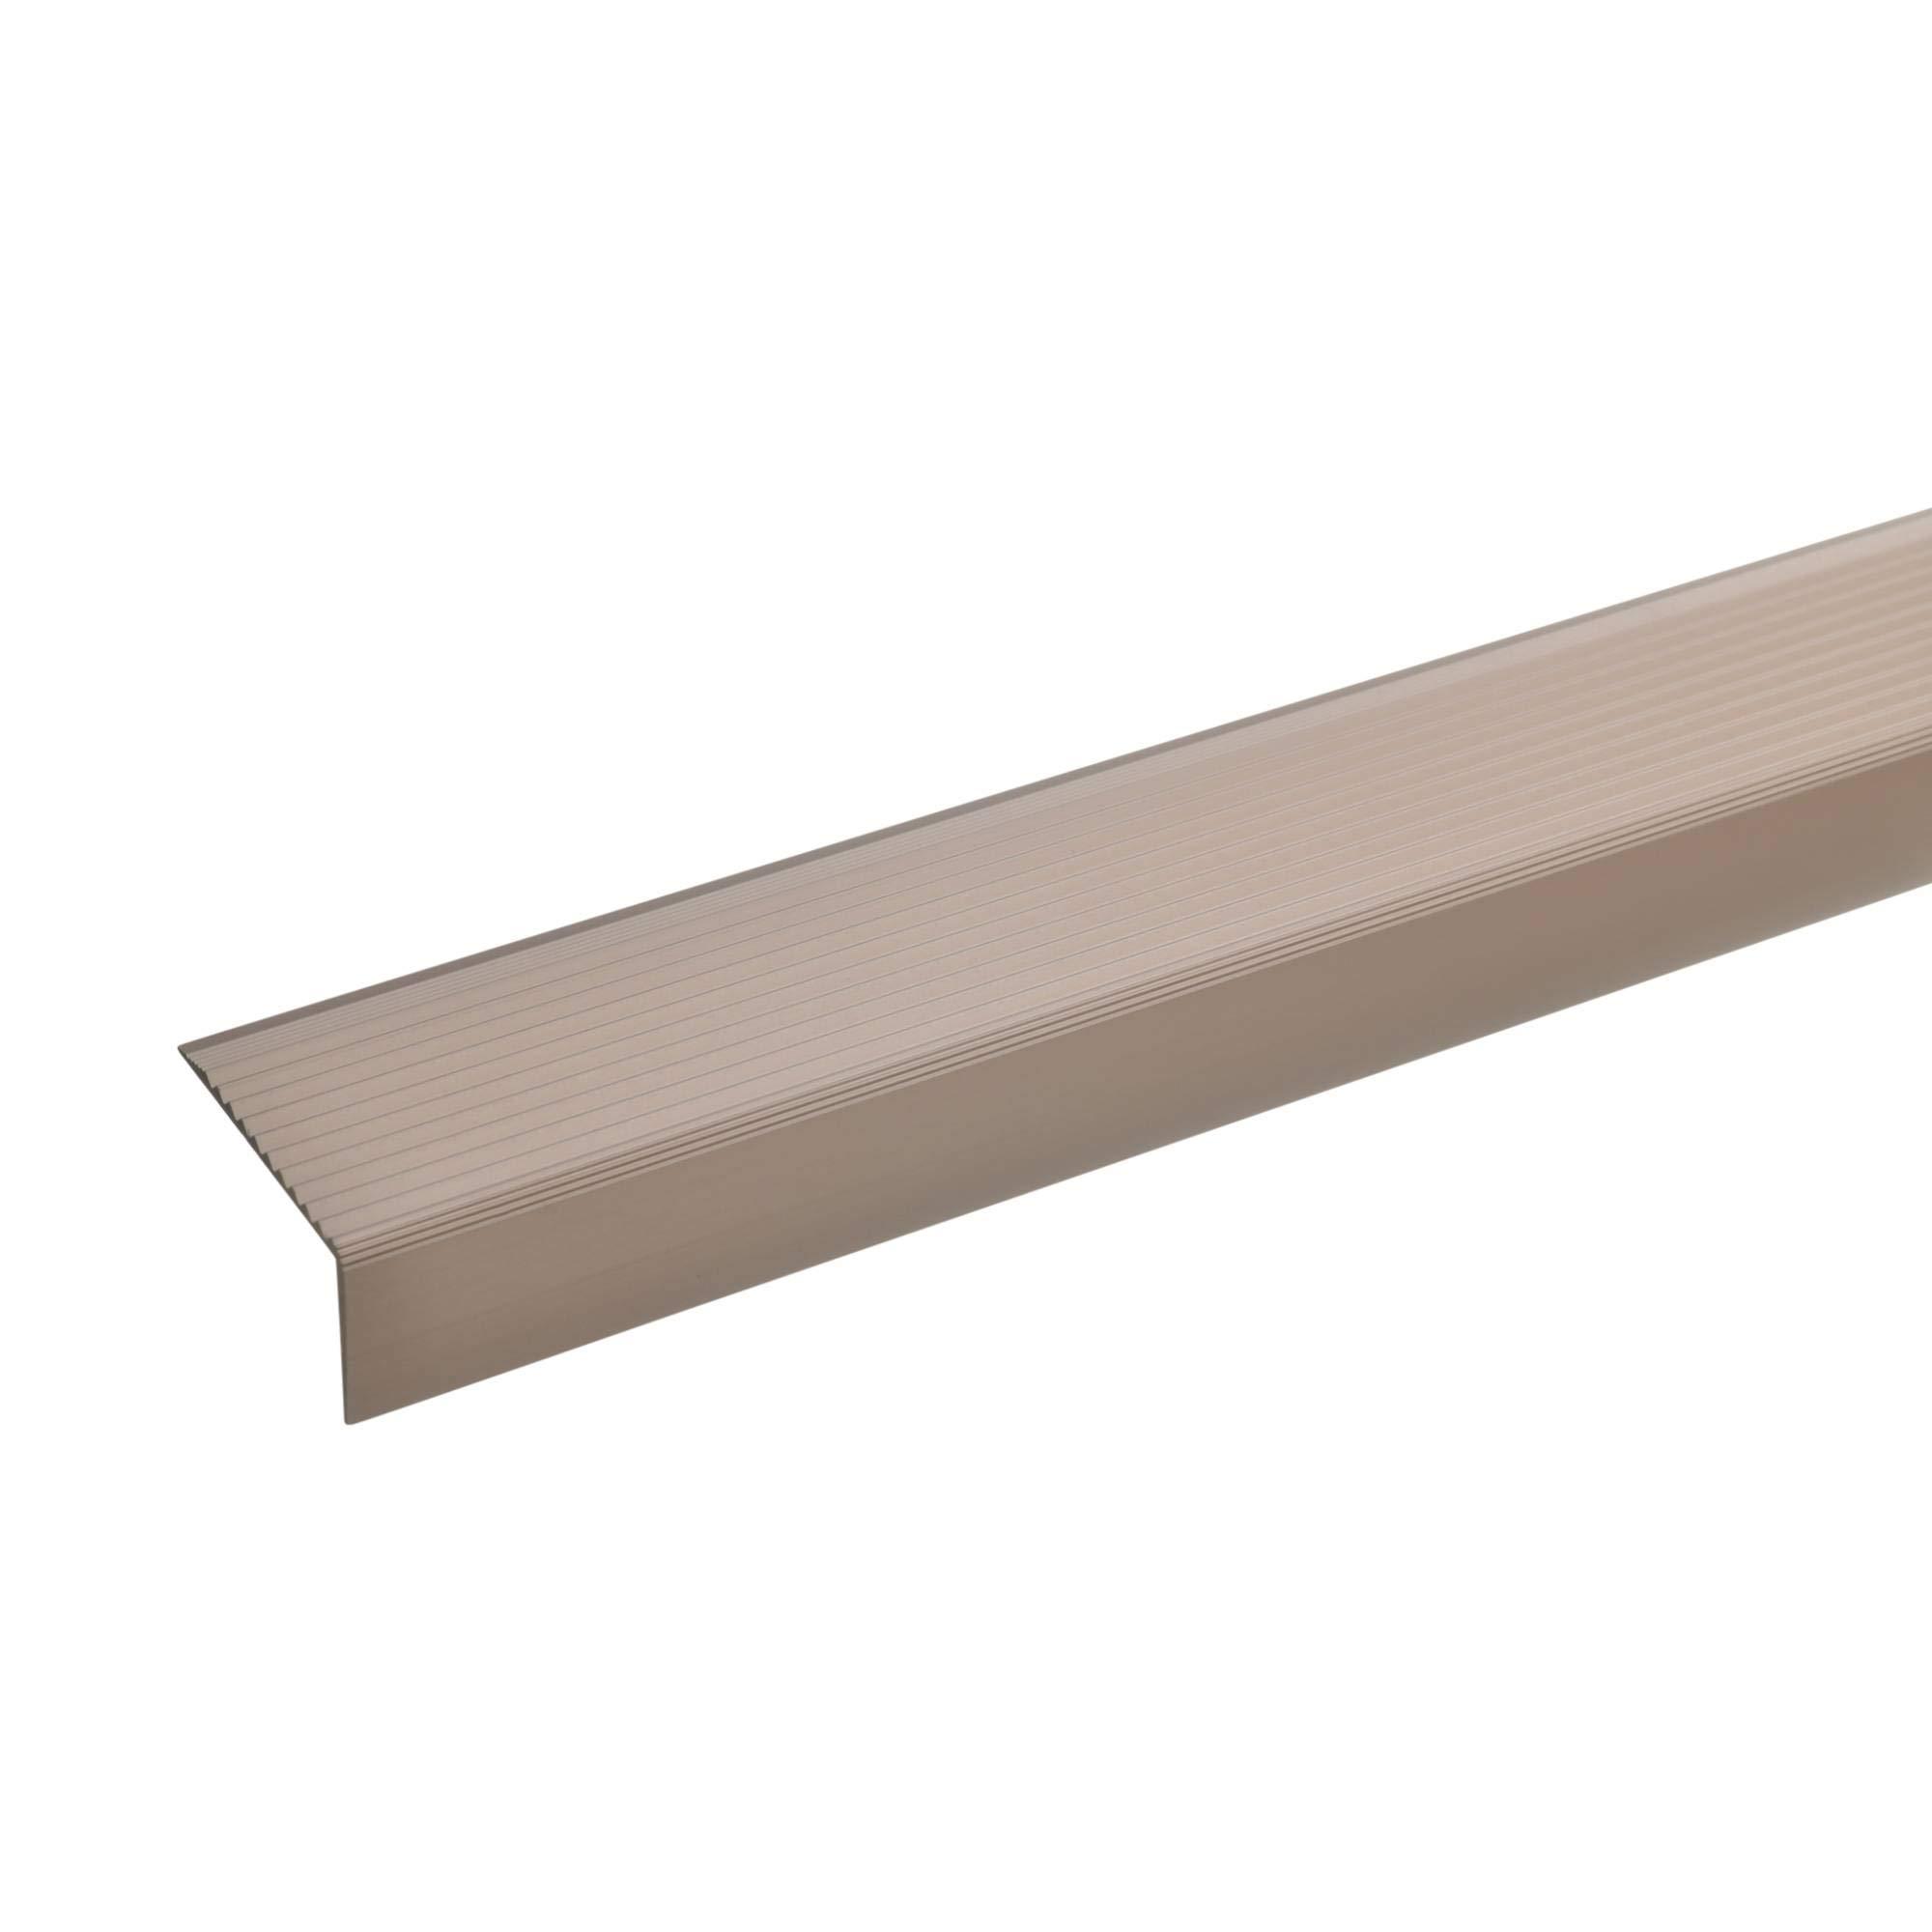 acerto 51031 Perfil angular de escalera de aluminio - 100cm 20x40mm bronce claro Antideslizante I Robusto I De fácil instalación Perfil de borde de escalera perfil de peldaño de escalera de aluminio: